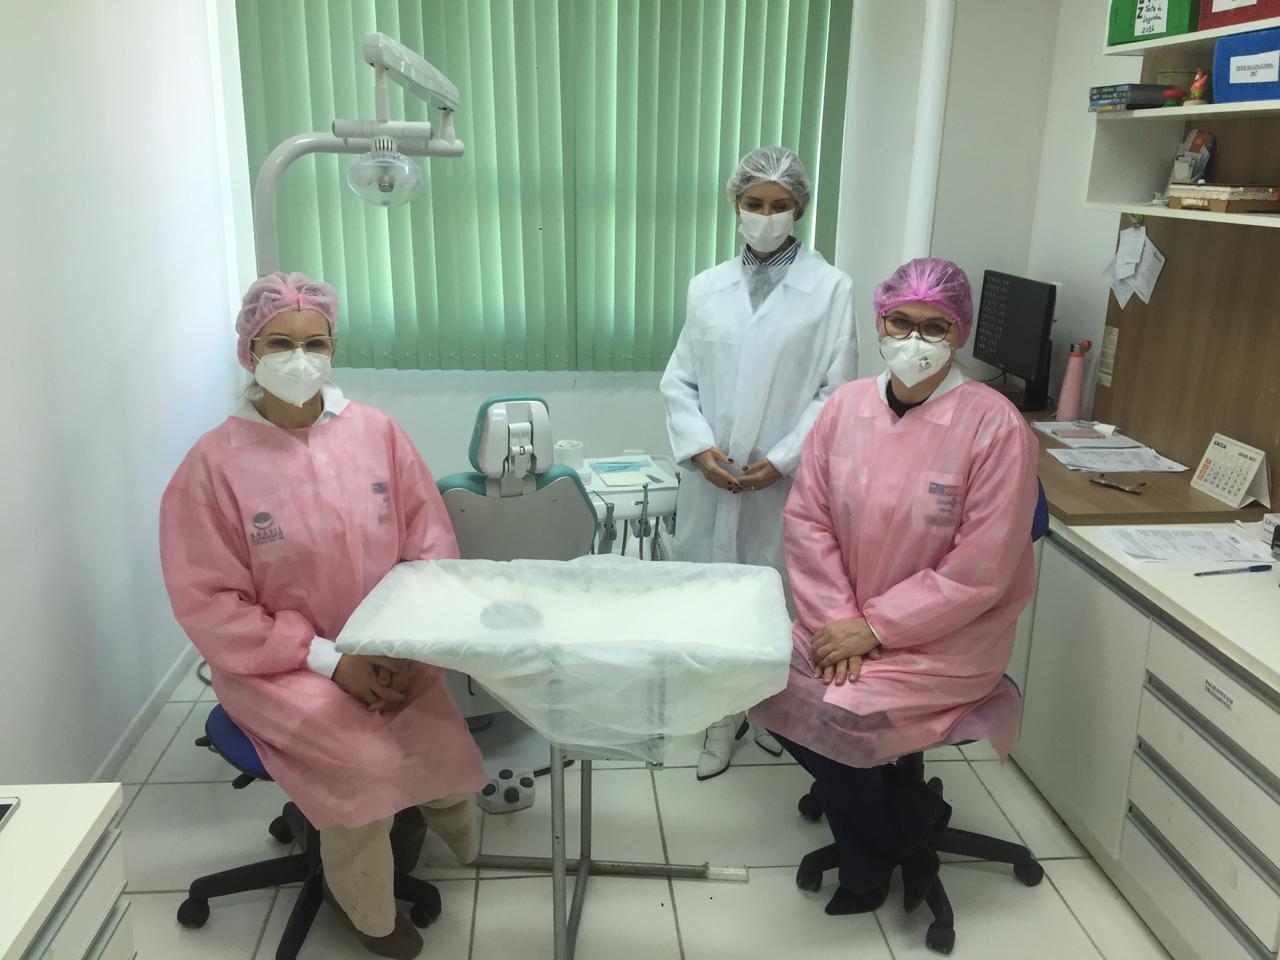 Odontopediatras de Lages visitam o CEO de Brusque